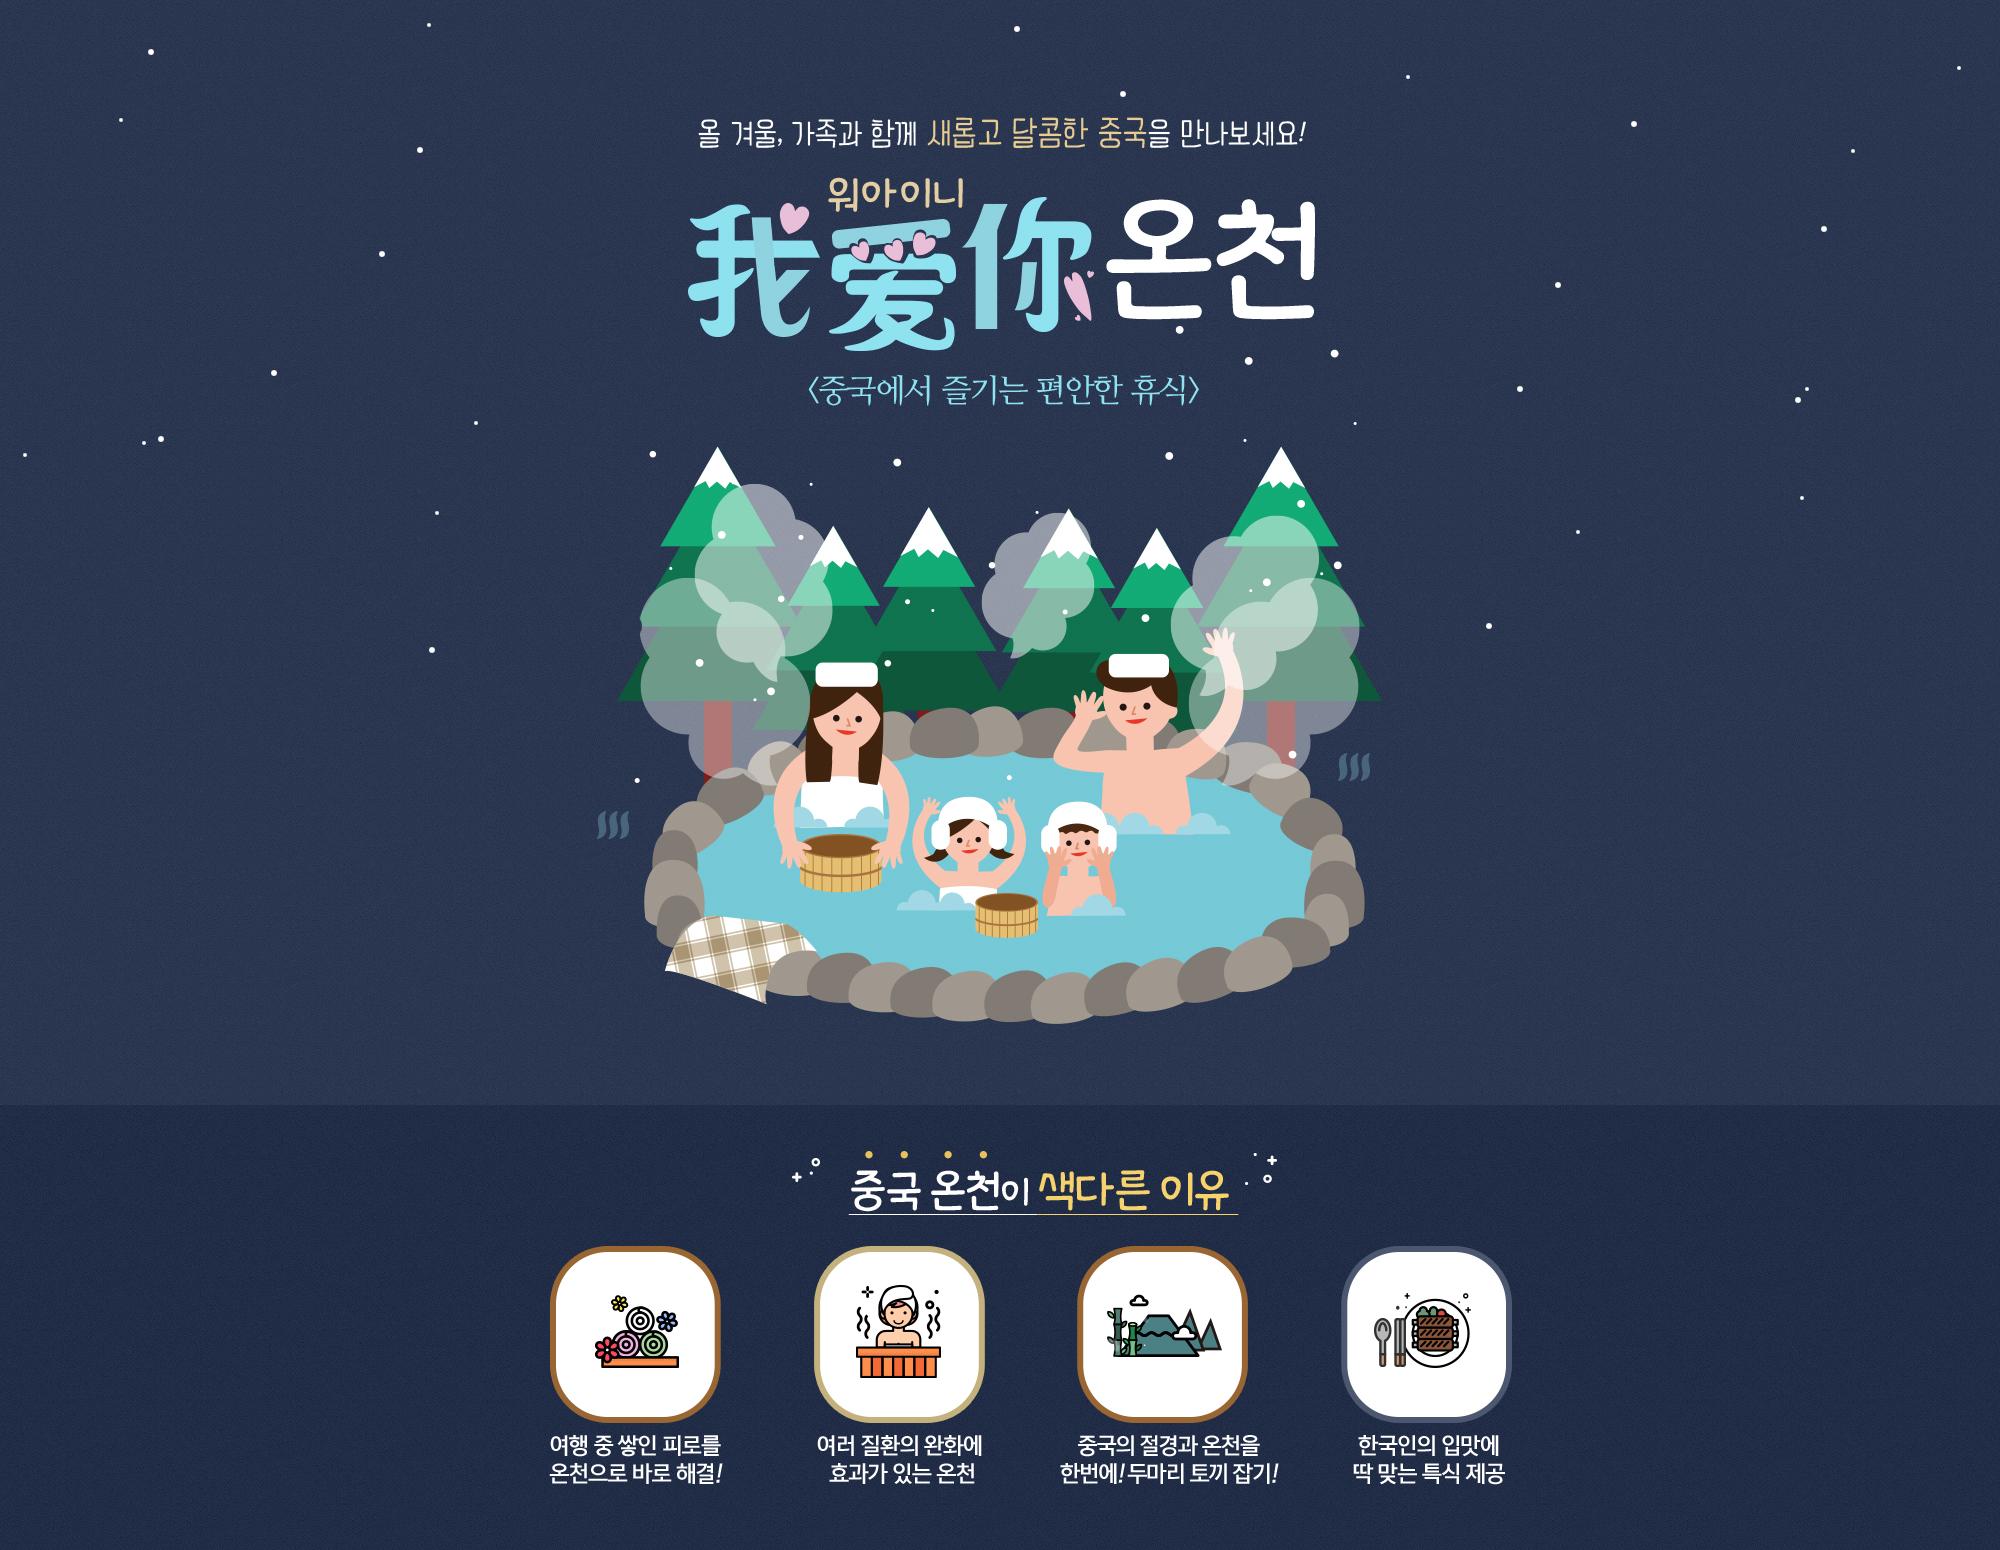 올 겨울, 가족과 함께 새롭고 달콤한 중국을 만나보세요! 워아이니 온천 <중국에서 즐기는 편안한 휴식